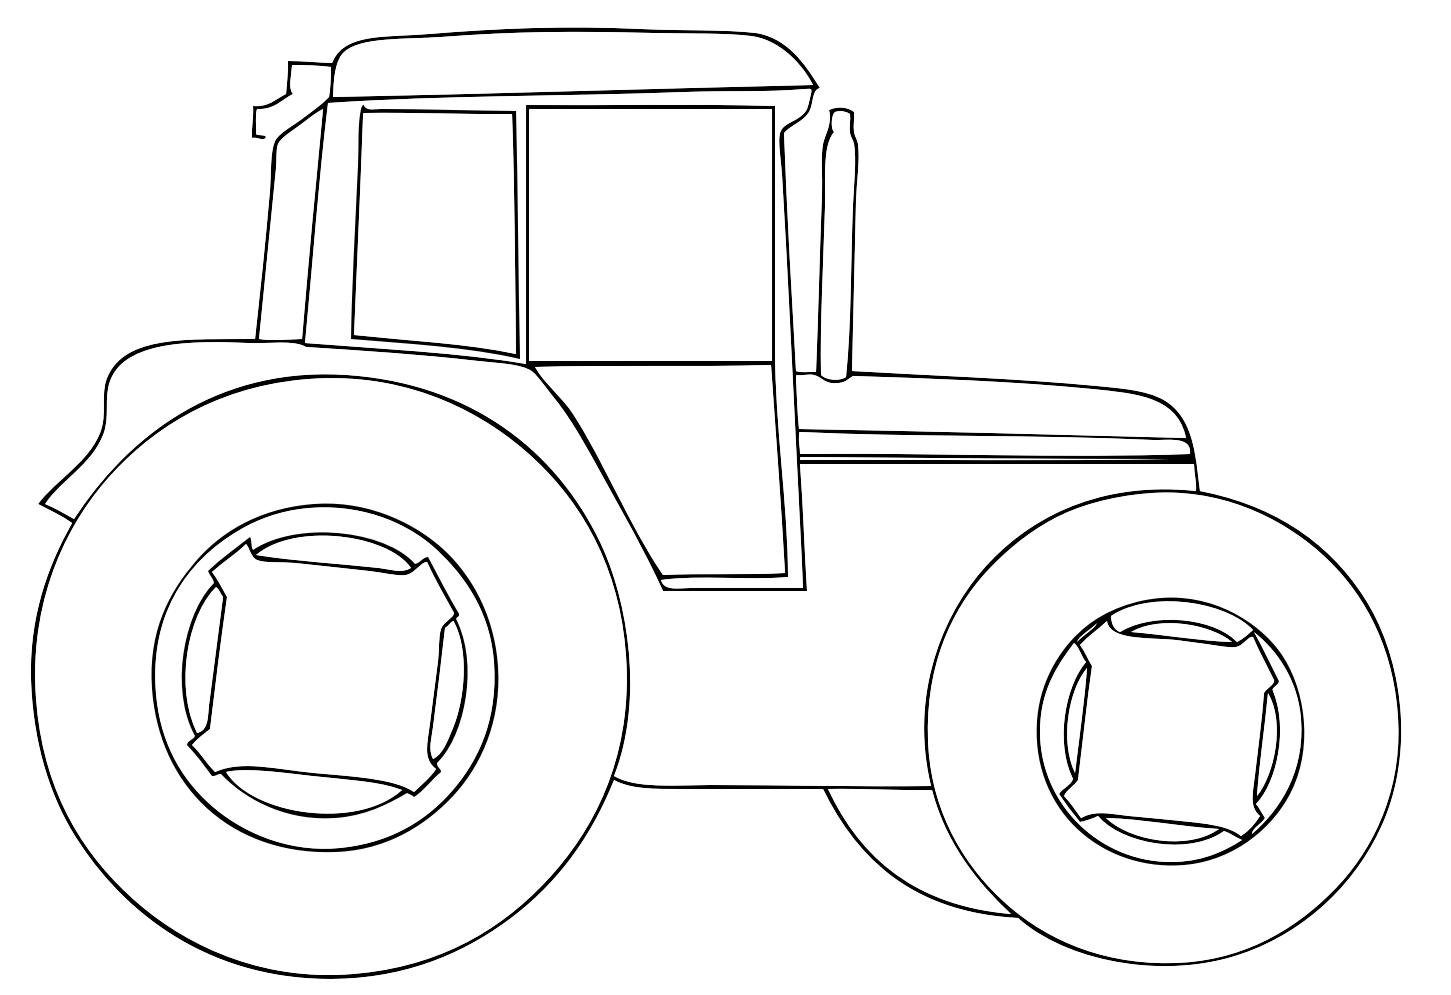 Disegno Trattore Da Colorare.14 Disegni Di Trattori Da Colorare Per Bambini